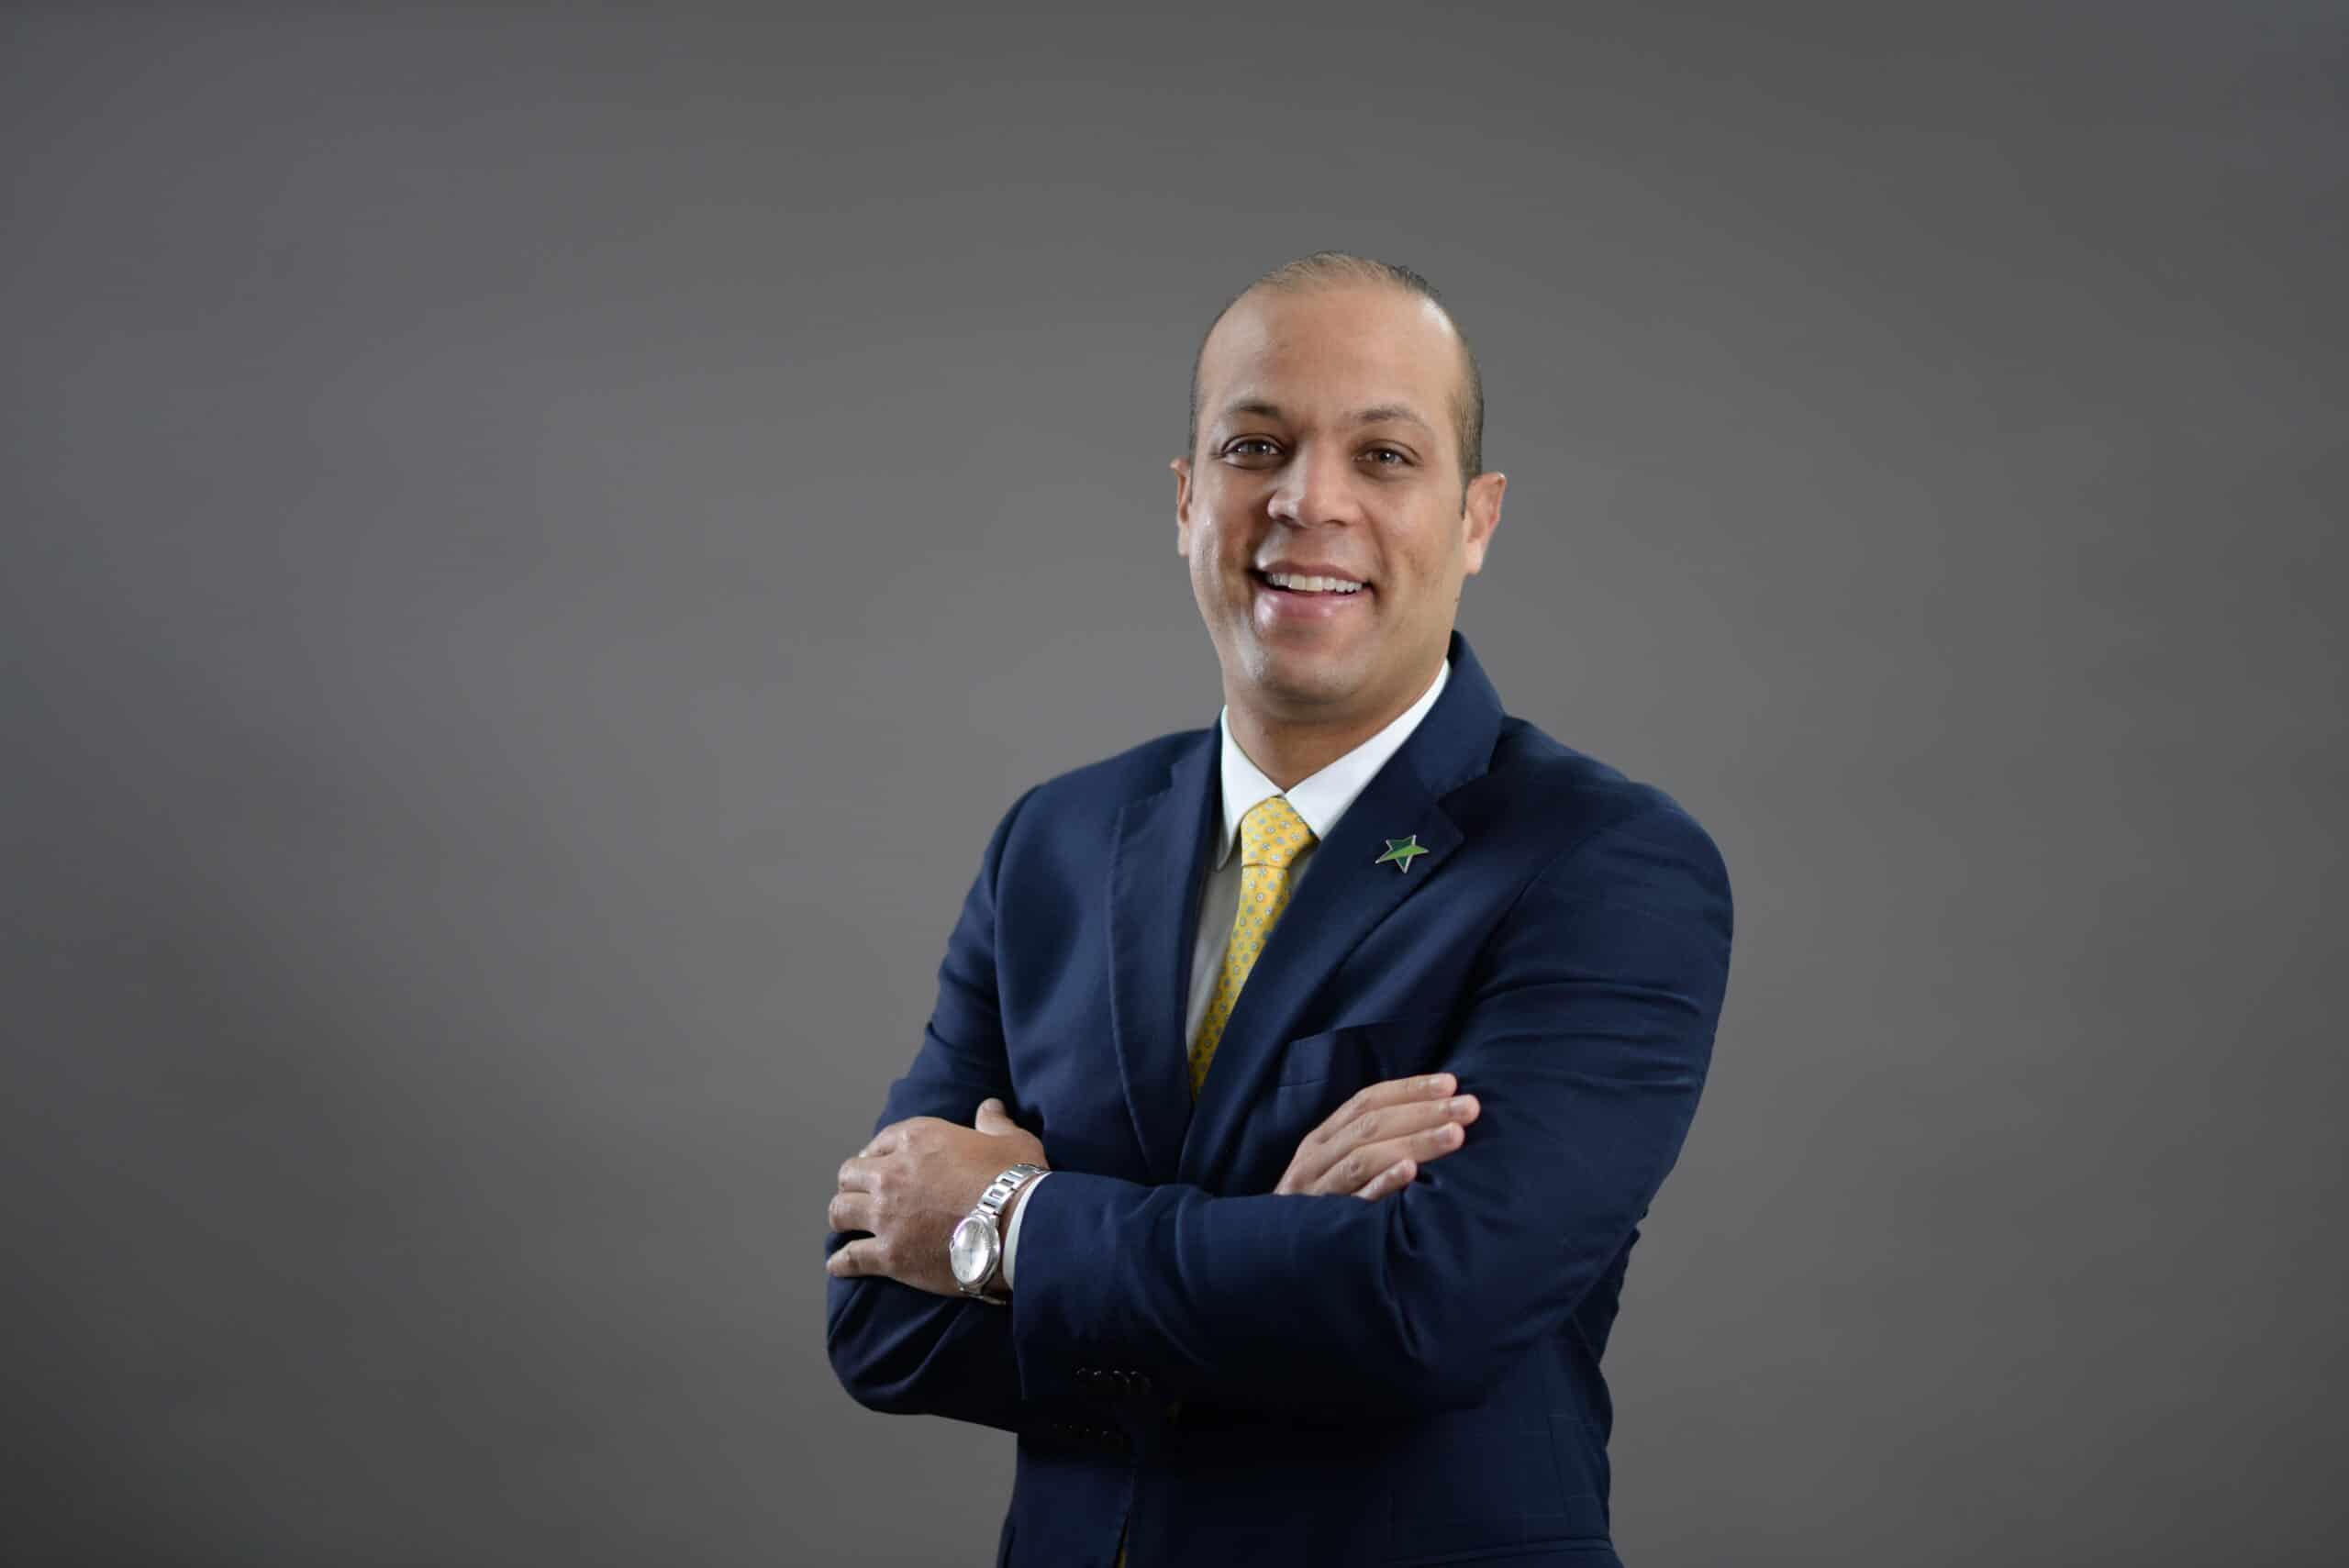 El presidente ejecutivo de Banco Promerica, Carlos Julio Camilo, anuncia inyección de capital e incremento de patrimonio técnico en RD $800 millones